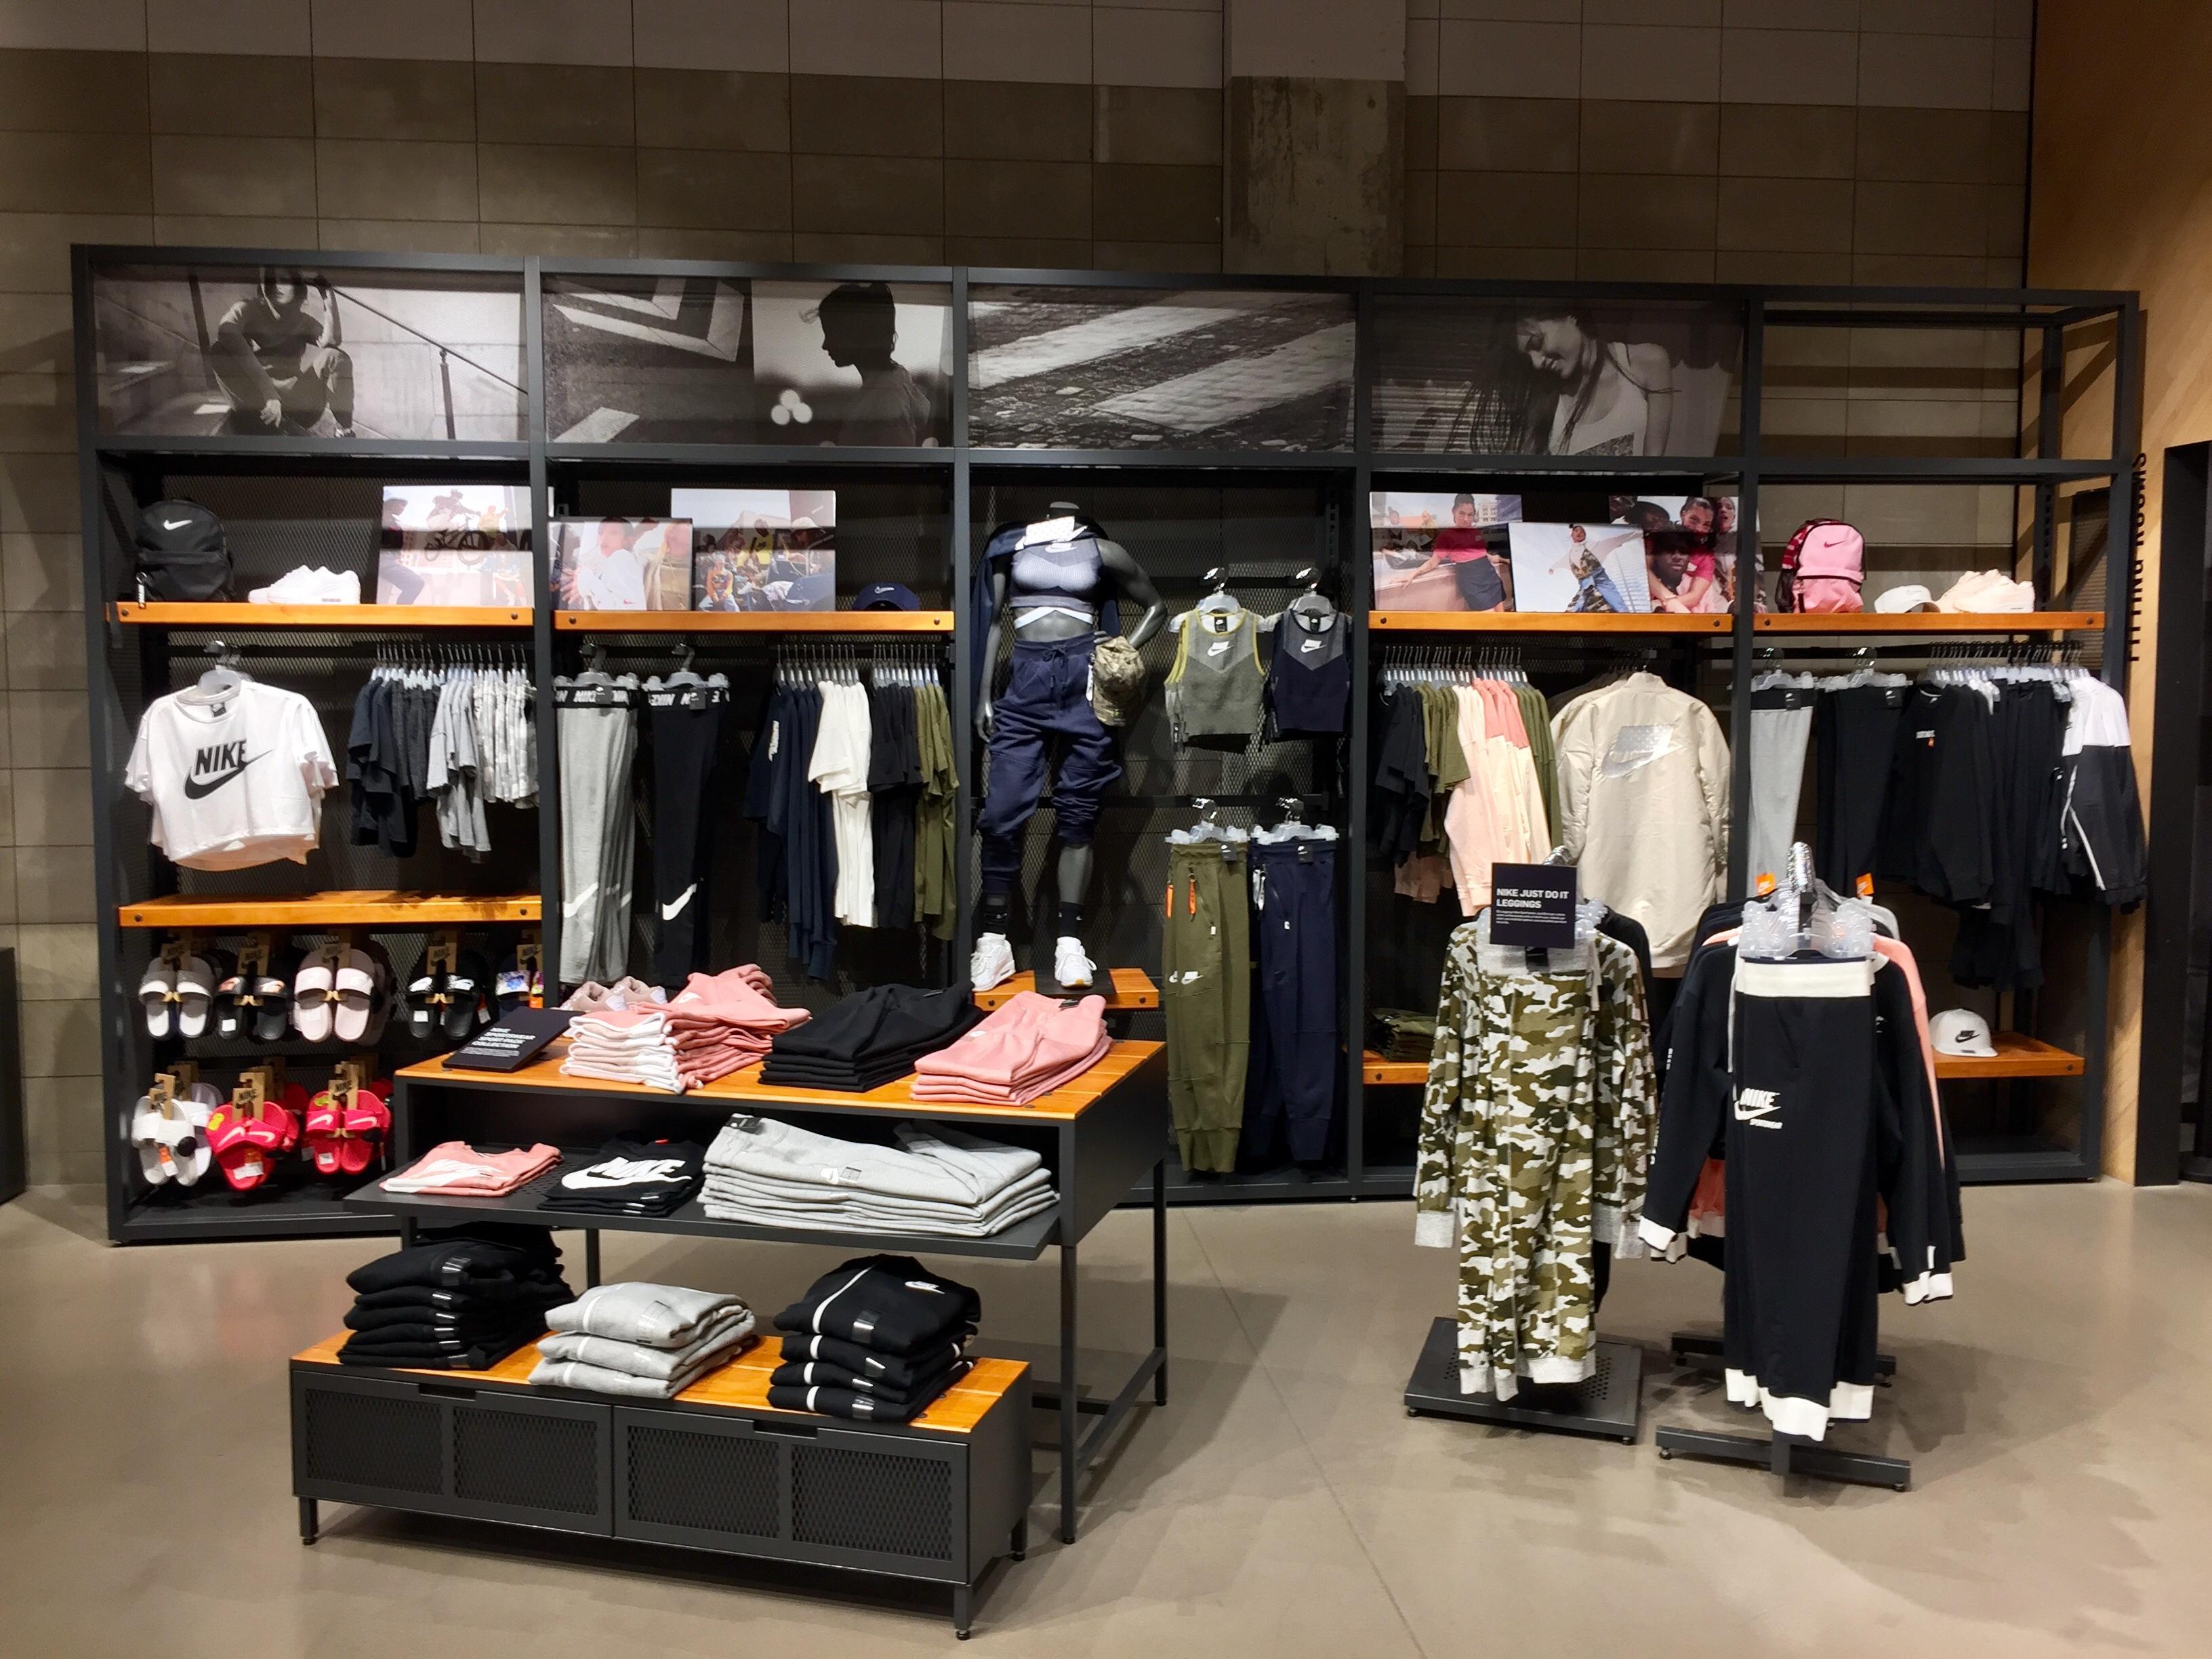 De Amarillas Deporte Páginas Ropa Maquinista Nike Store xIO8qYwOt at ... 4c6d9aa1a5096